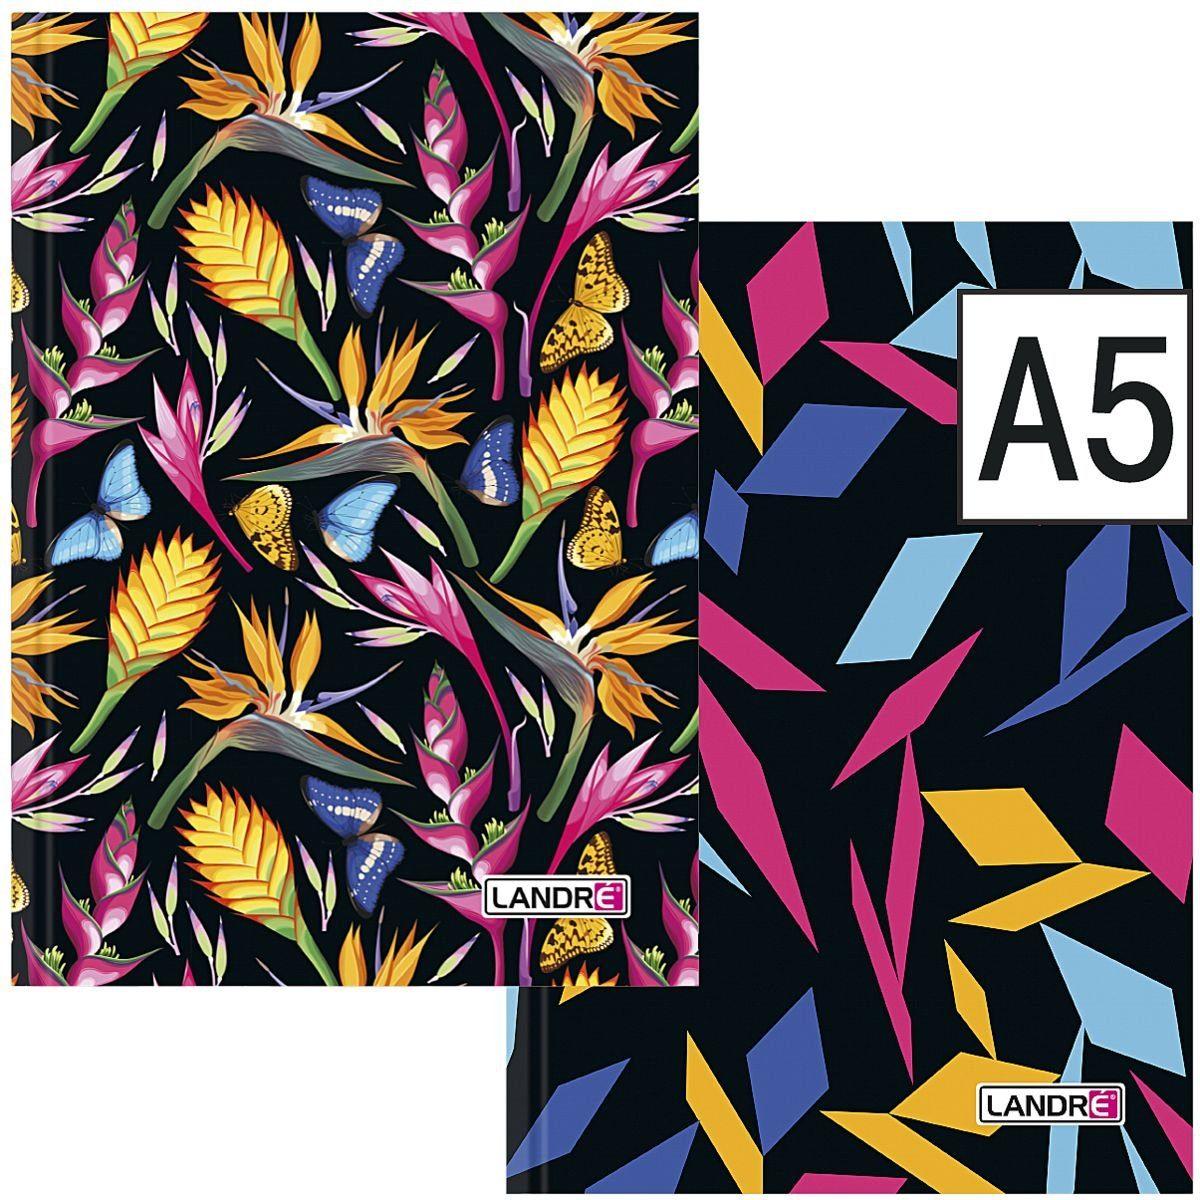 LANDRE Notizbuch 400104084 A5 kariert - 192 Seiten »florale und grafische Muster«